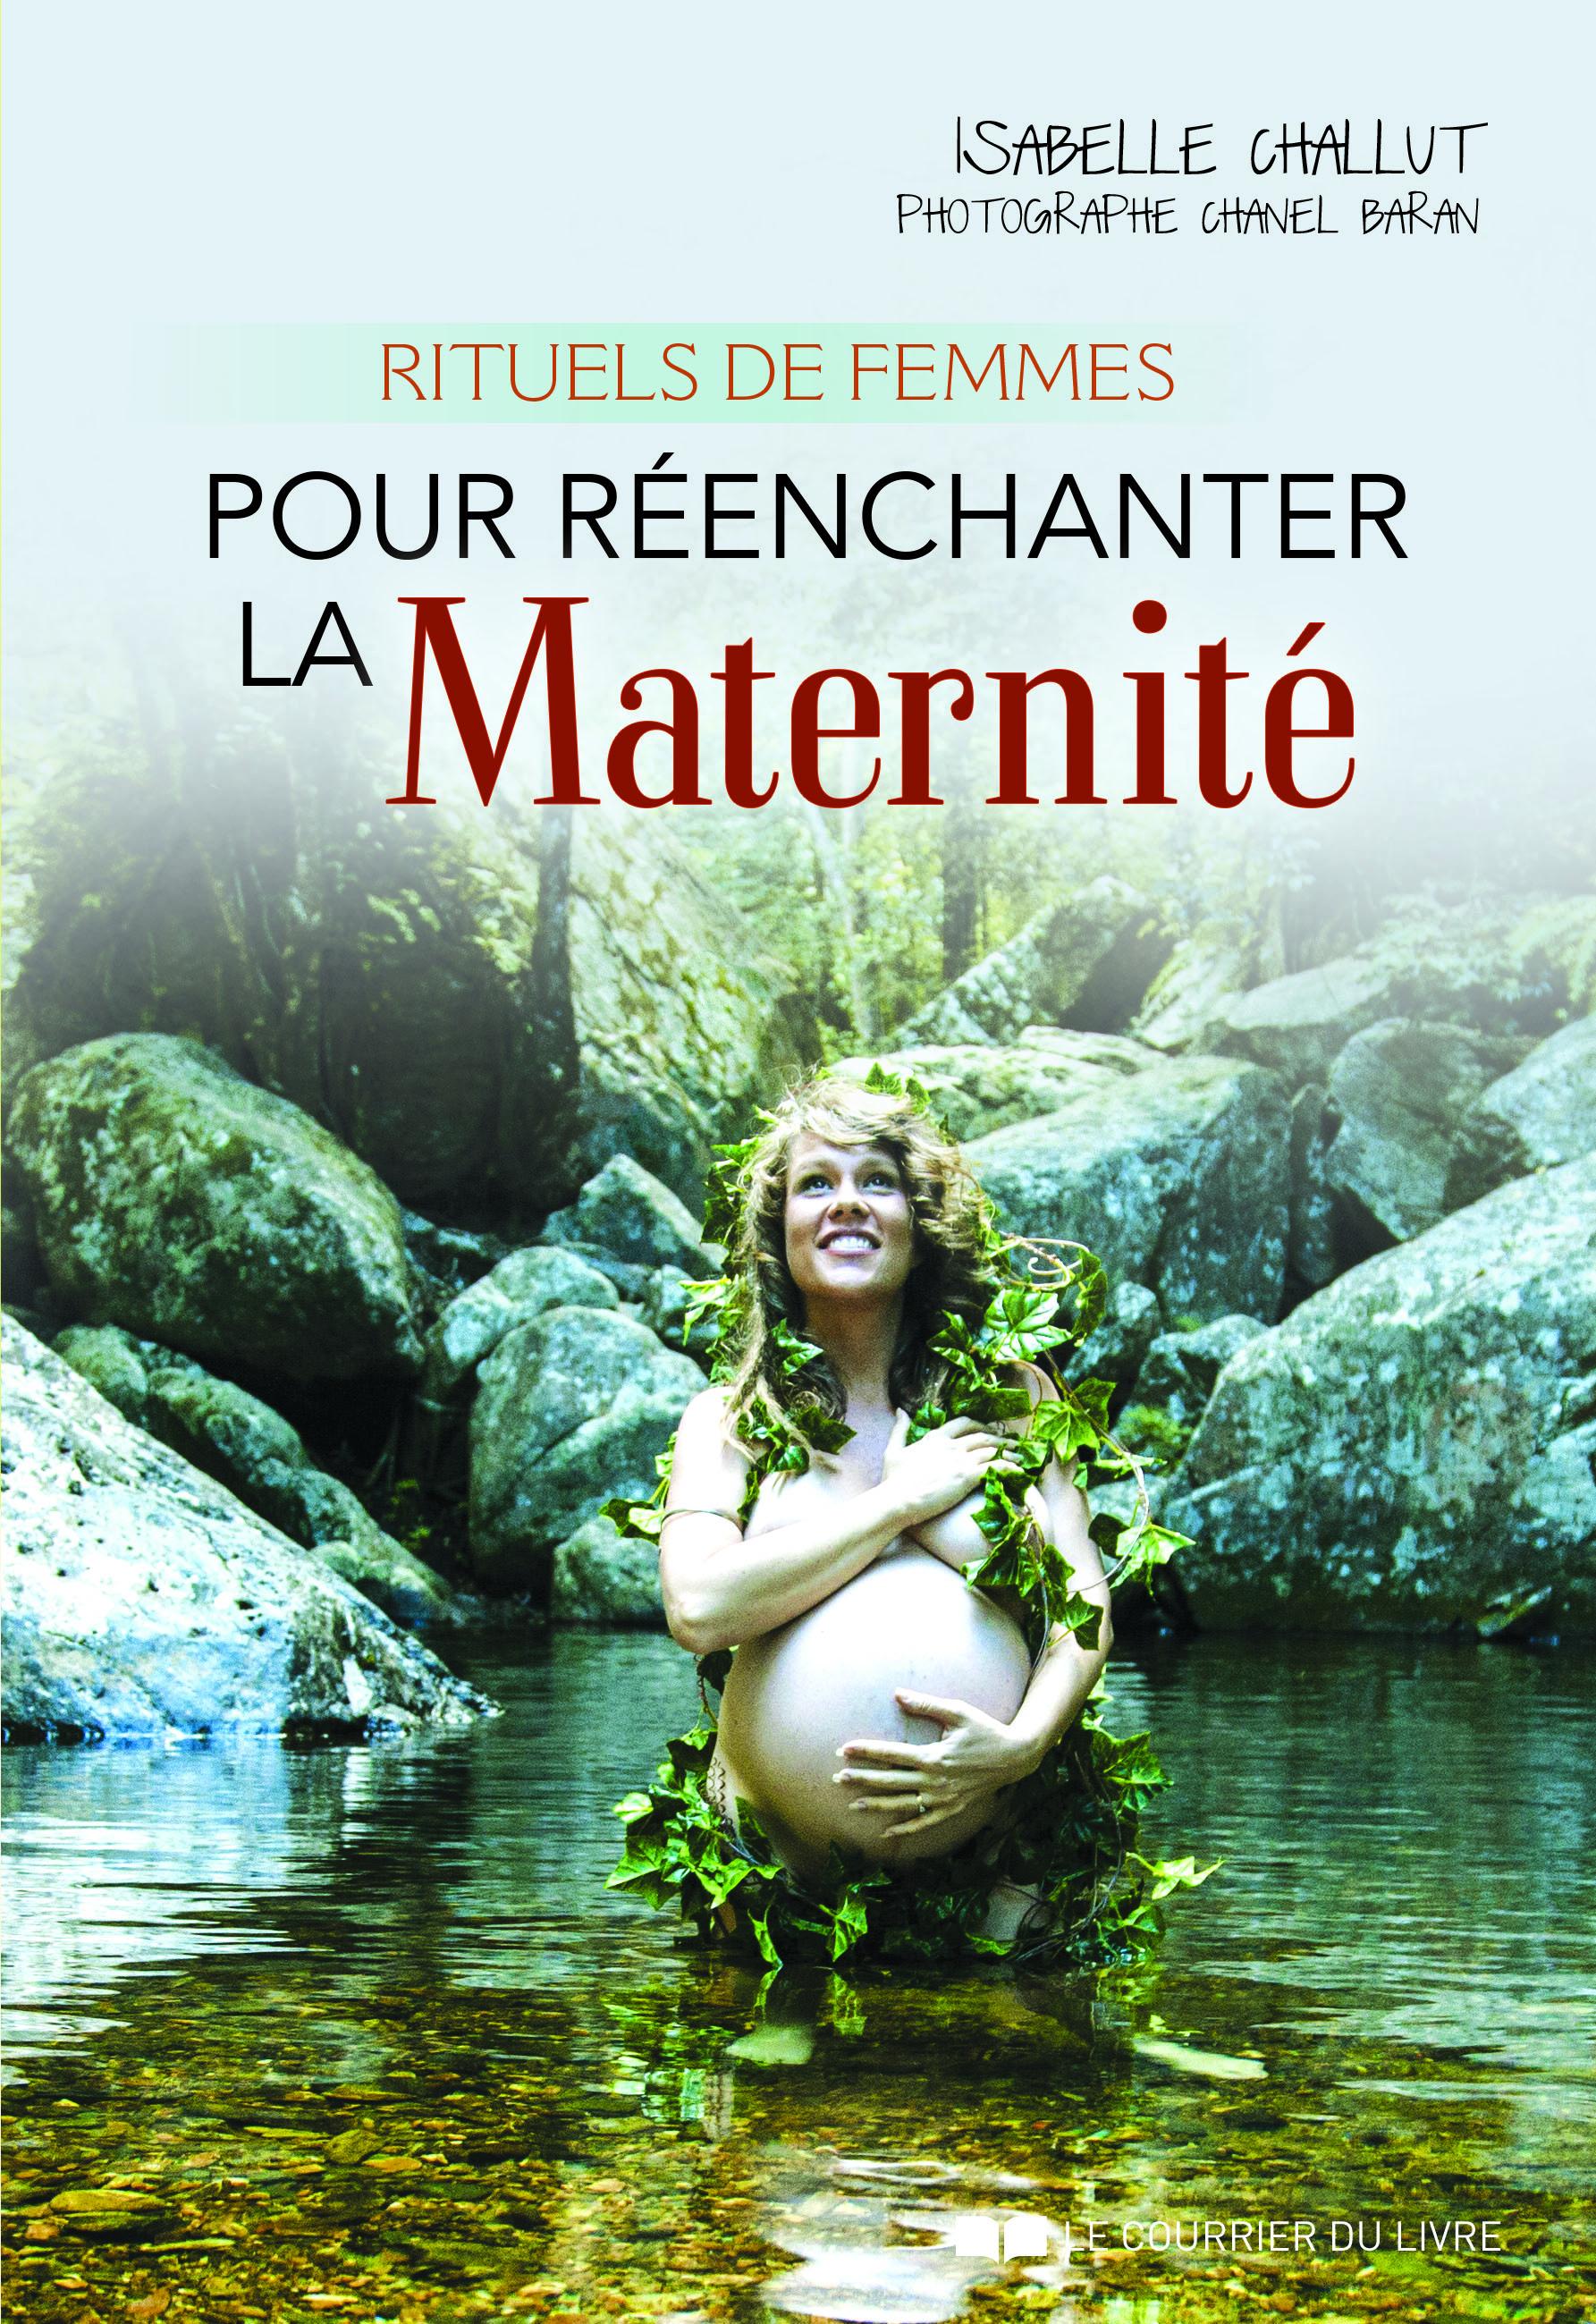 Conférence: Réenchanter la maternité, une utopie nécessaire